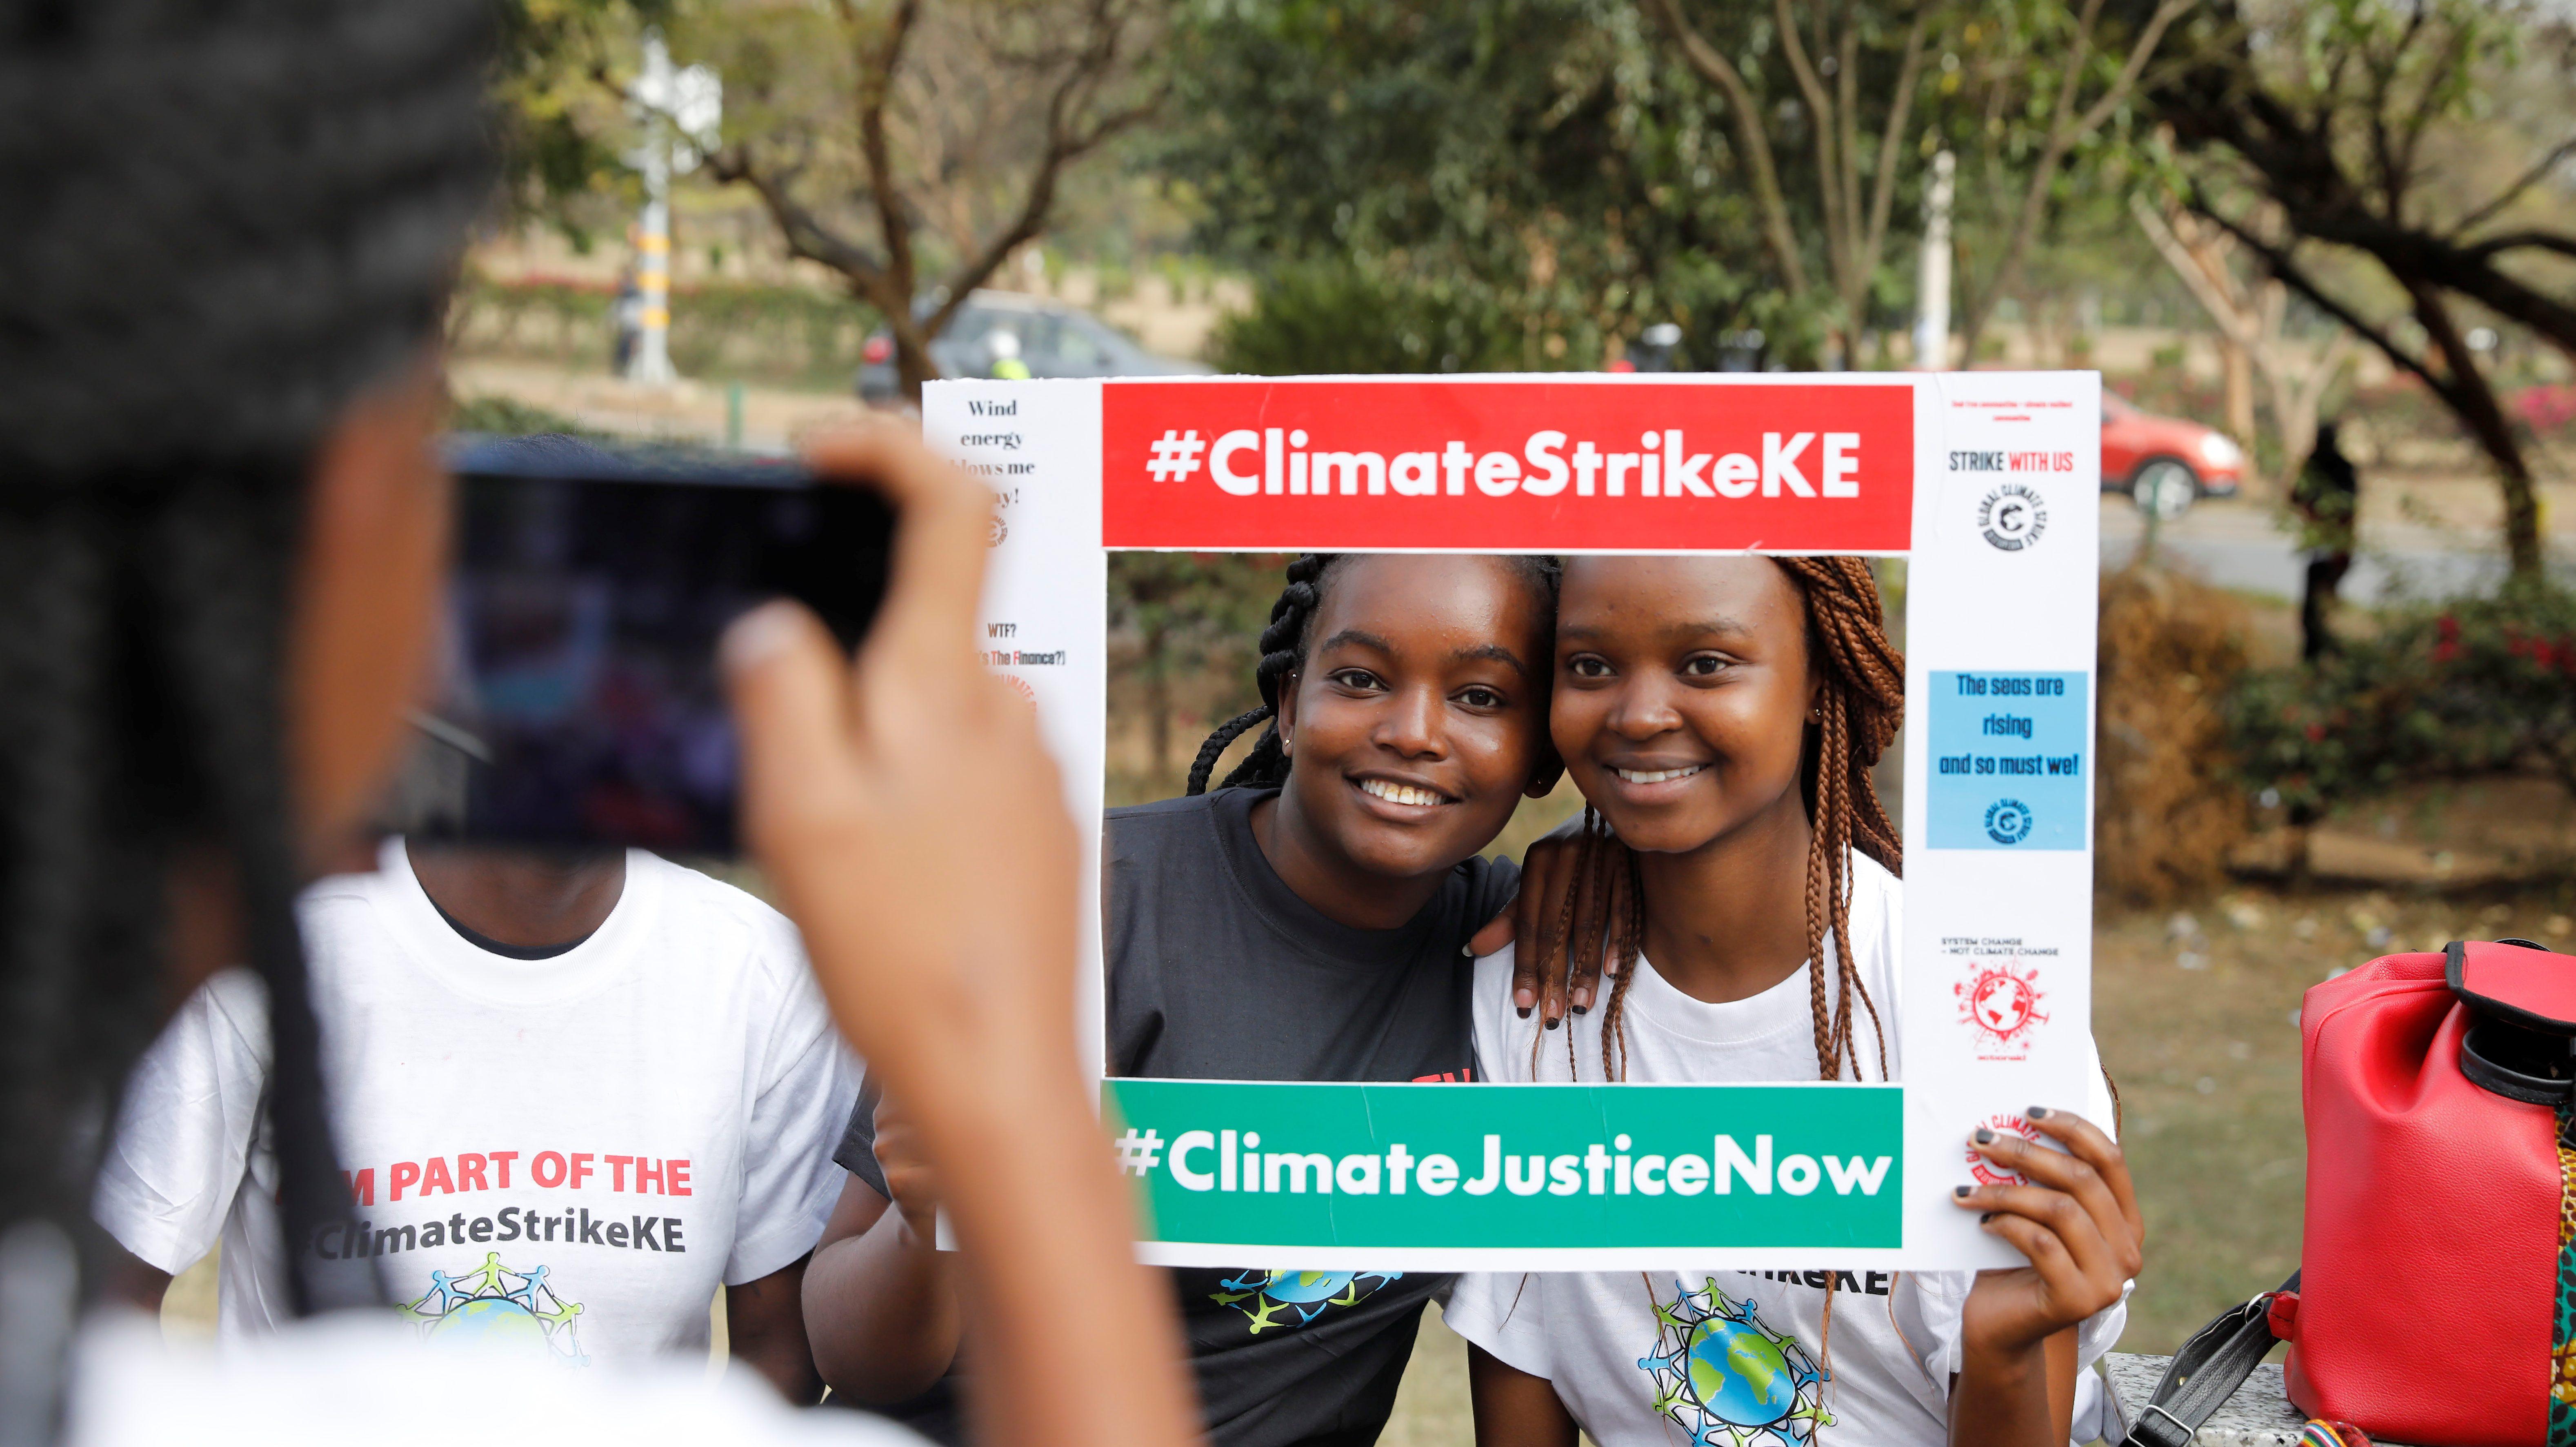 As cidades da África enfrentam os resultados mais severos das mudanças climáticas e seus jovens sabem disso